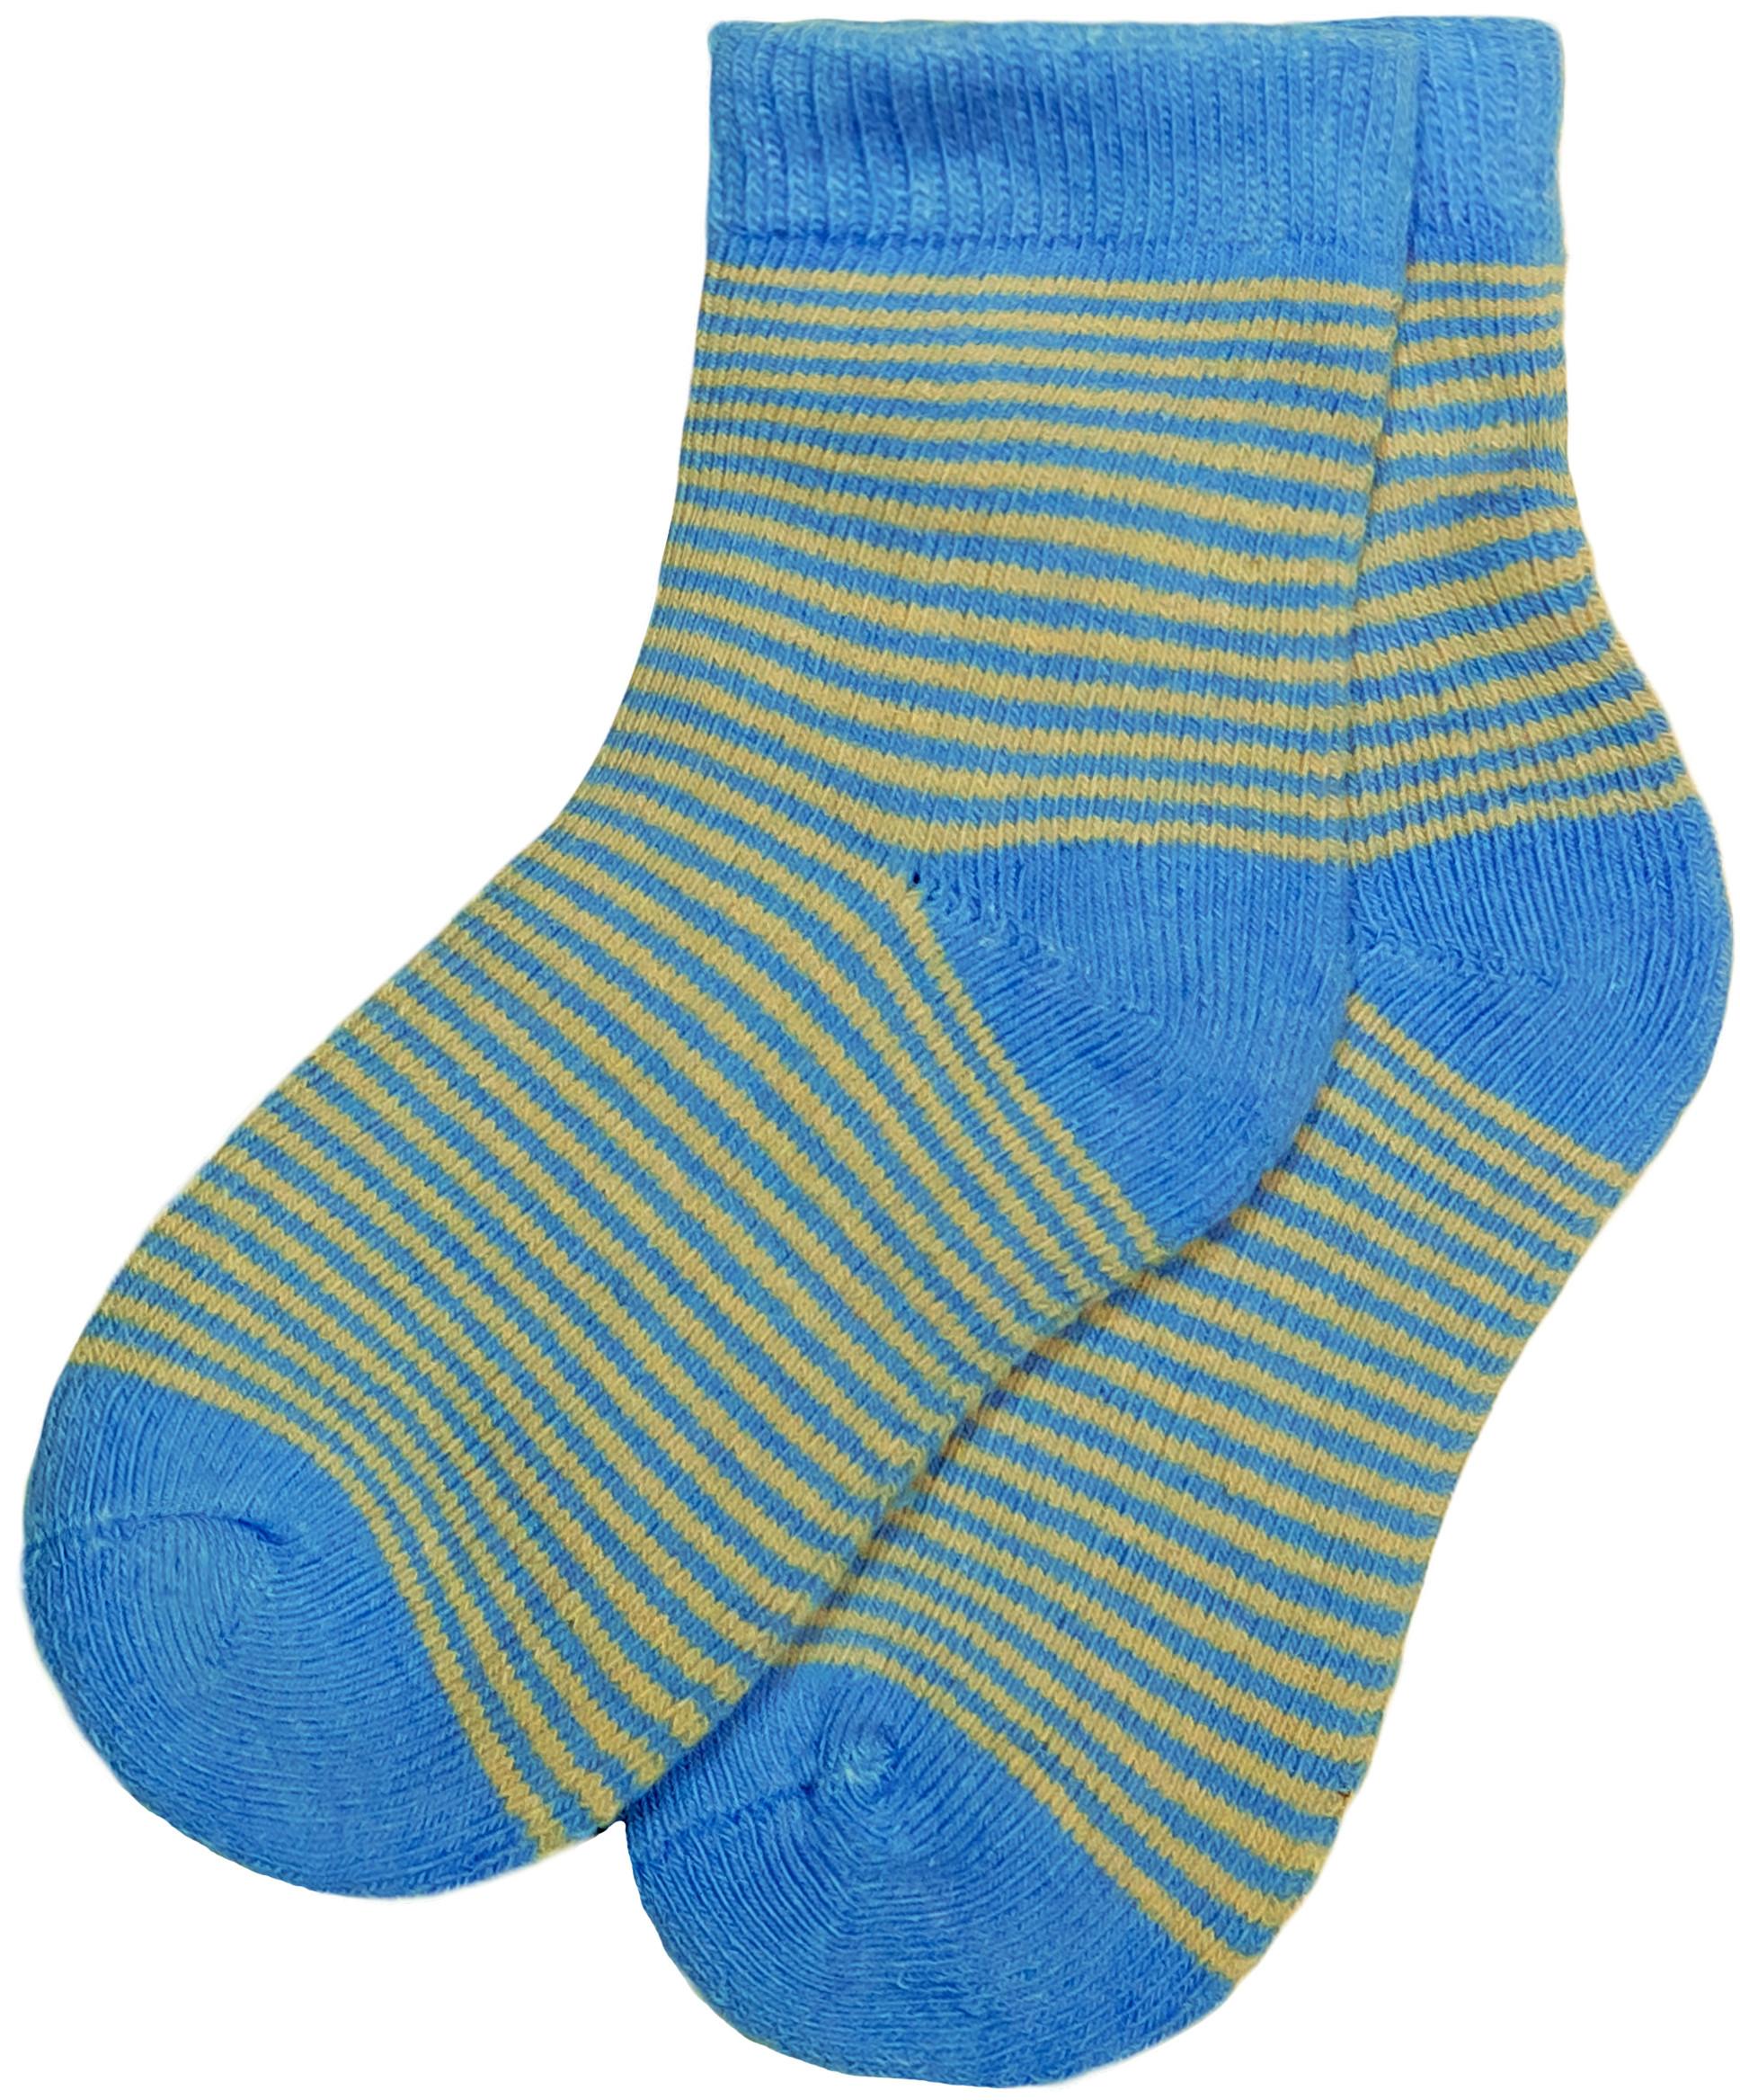 Носки Barkito Носки махровые для мальчика Barkito, голубые с рисунком в полоску ostin махровые носки с новогодним рисунком